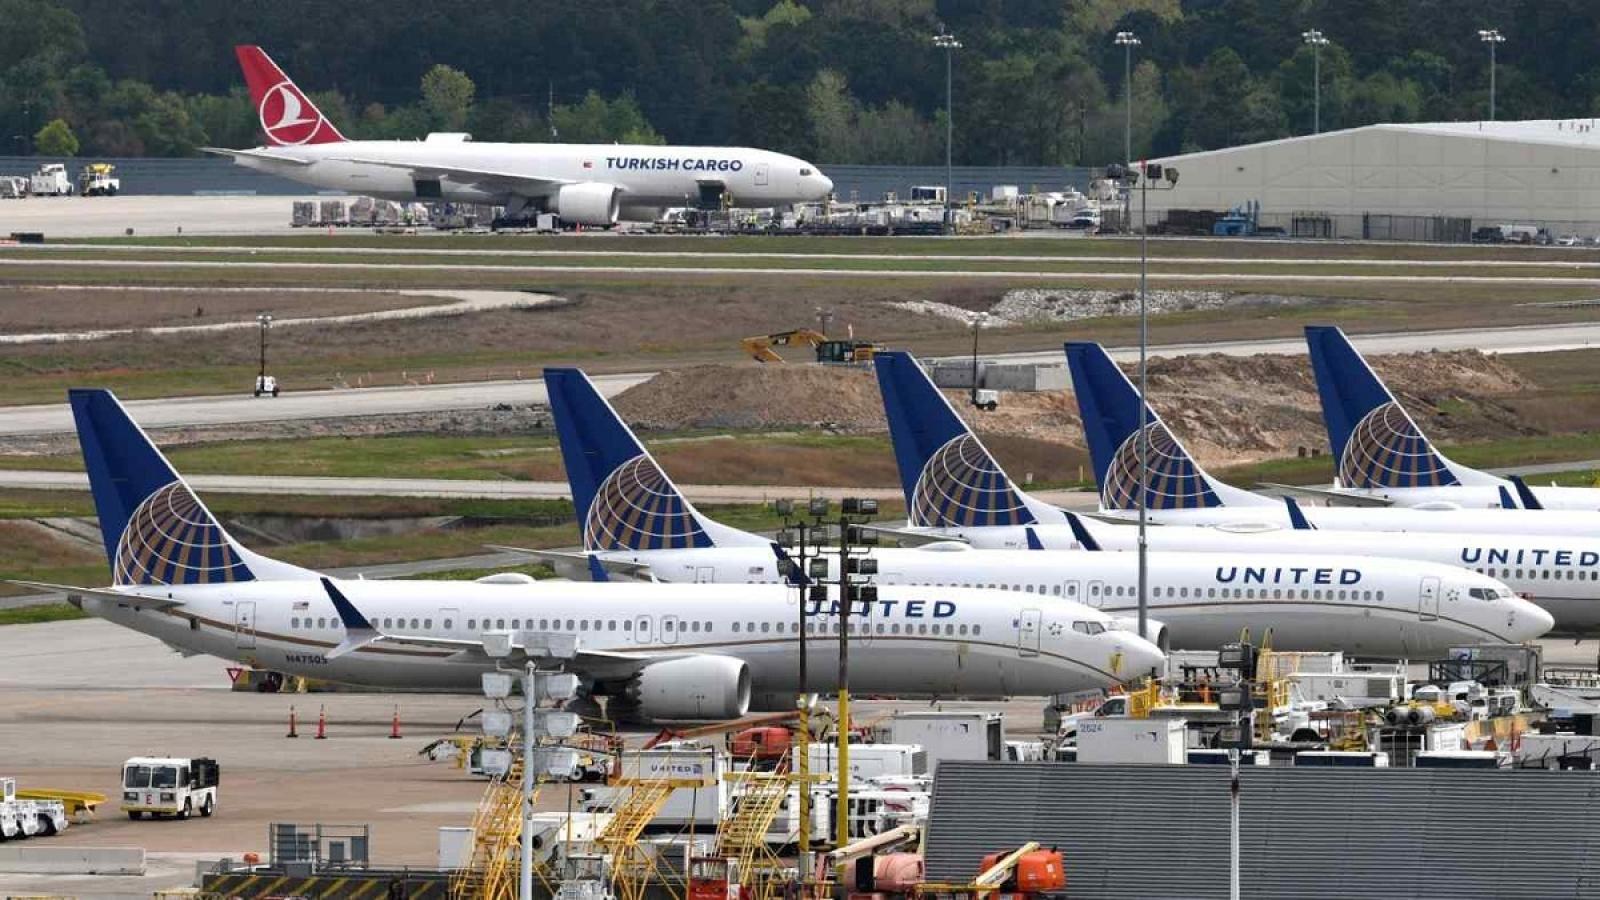 Đơn hàng mua 270 máy bay của United Airlines và tín hiệu phục hồi của hàng không thế giới